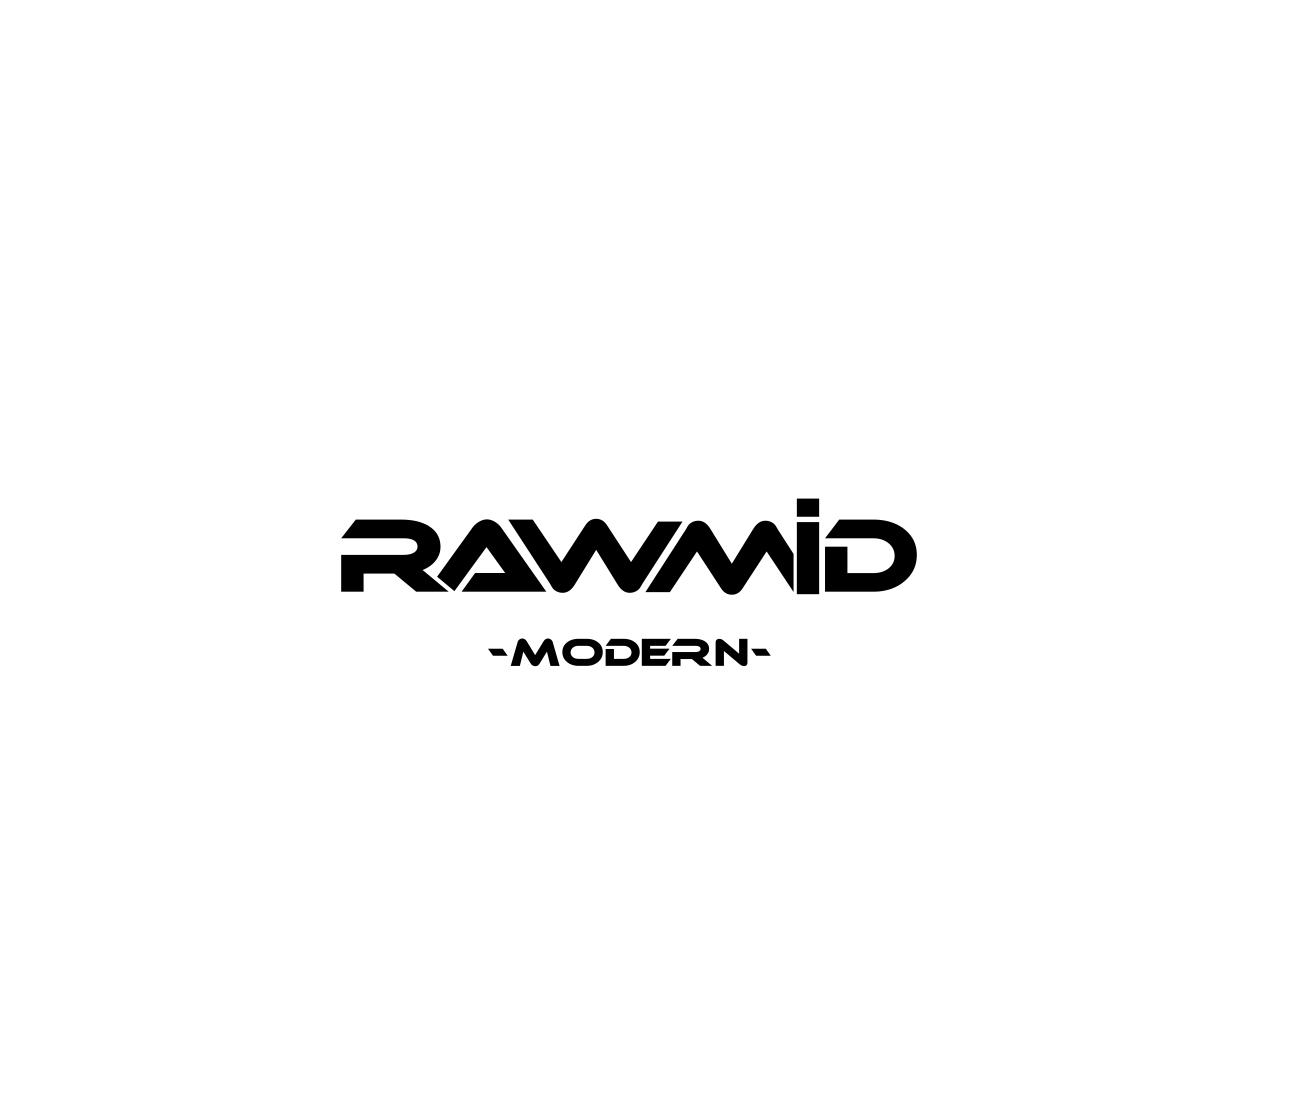 Создать логотип (буквенная часть) для бренда бытовой техники фото f_1085b33e5943f991.jpg